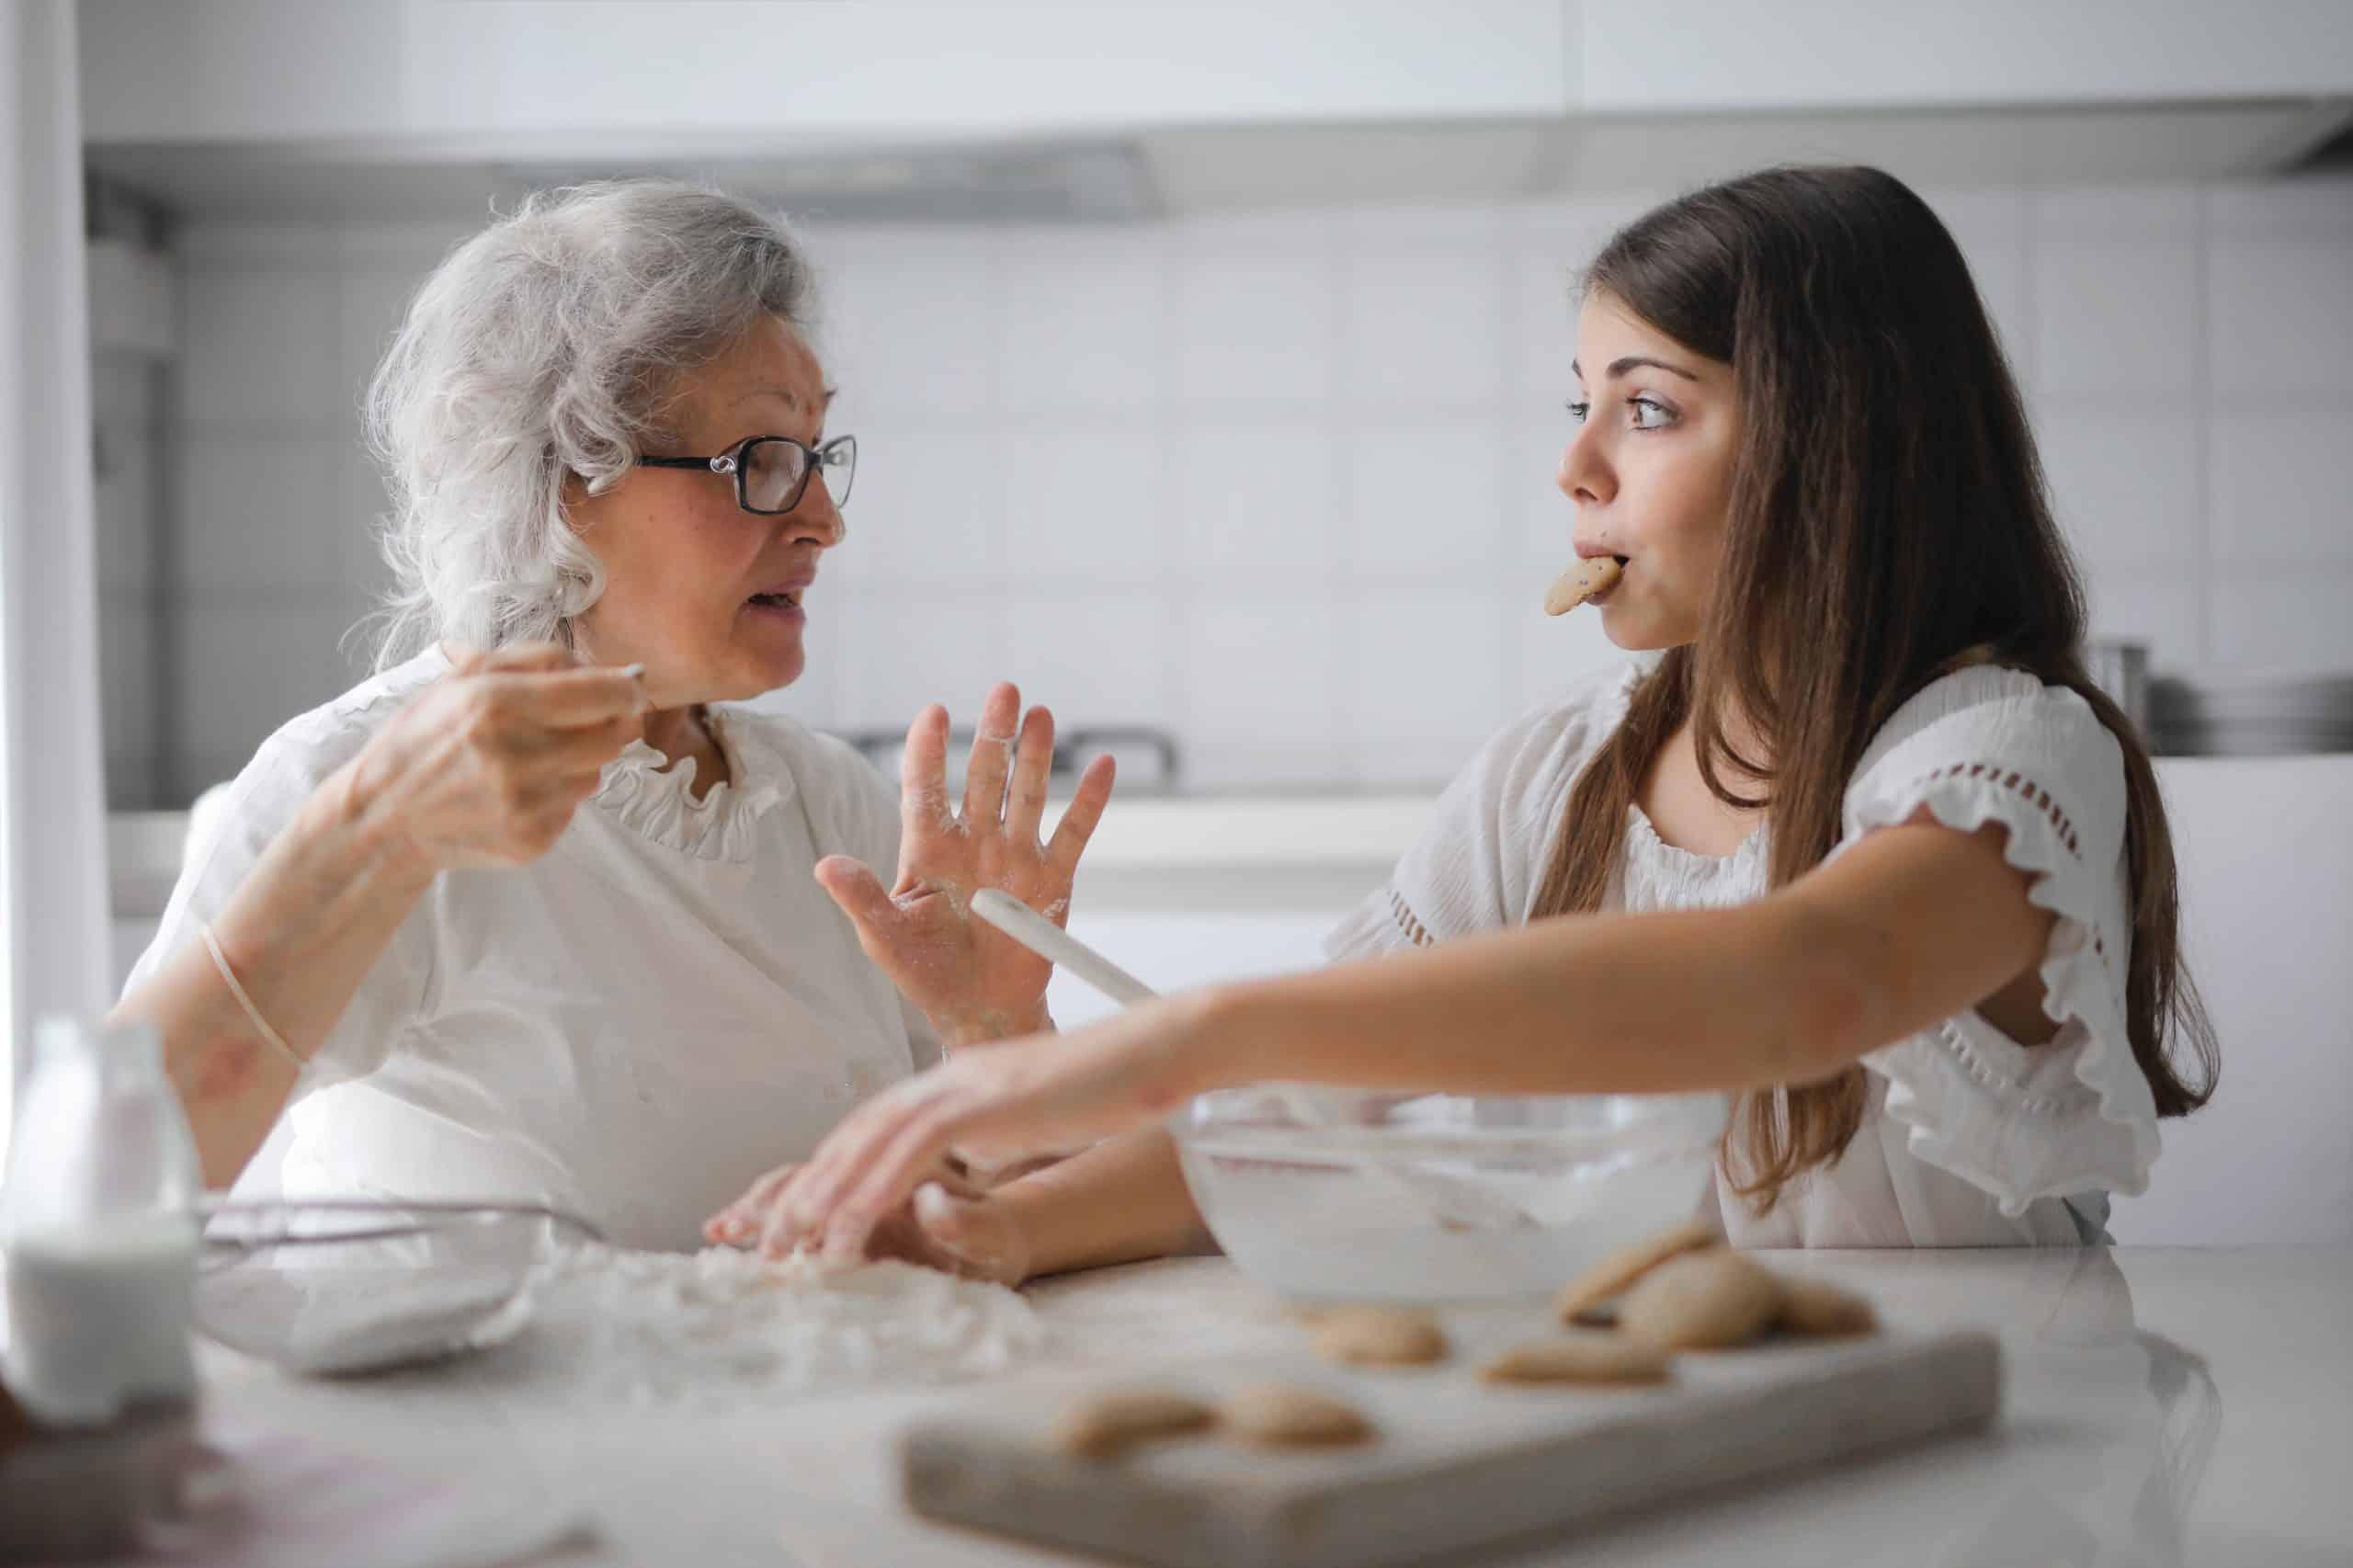 Grandma teaching homemaking skills to daughter